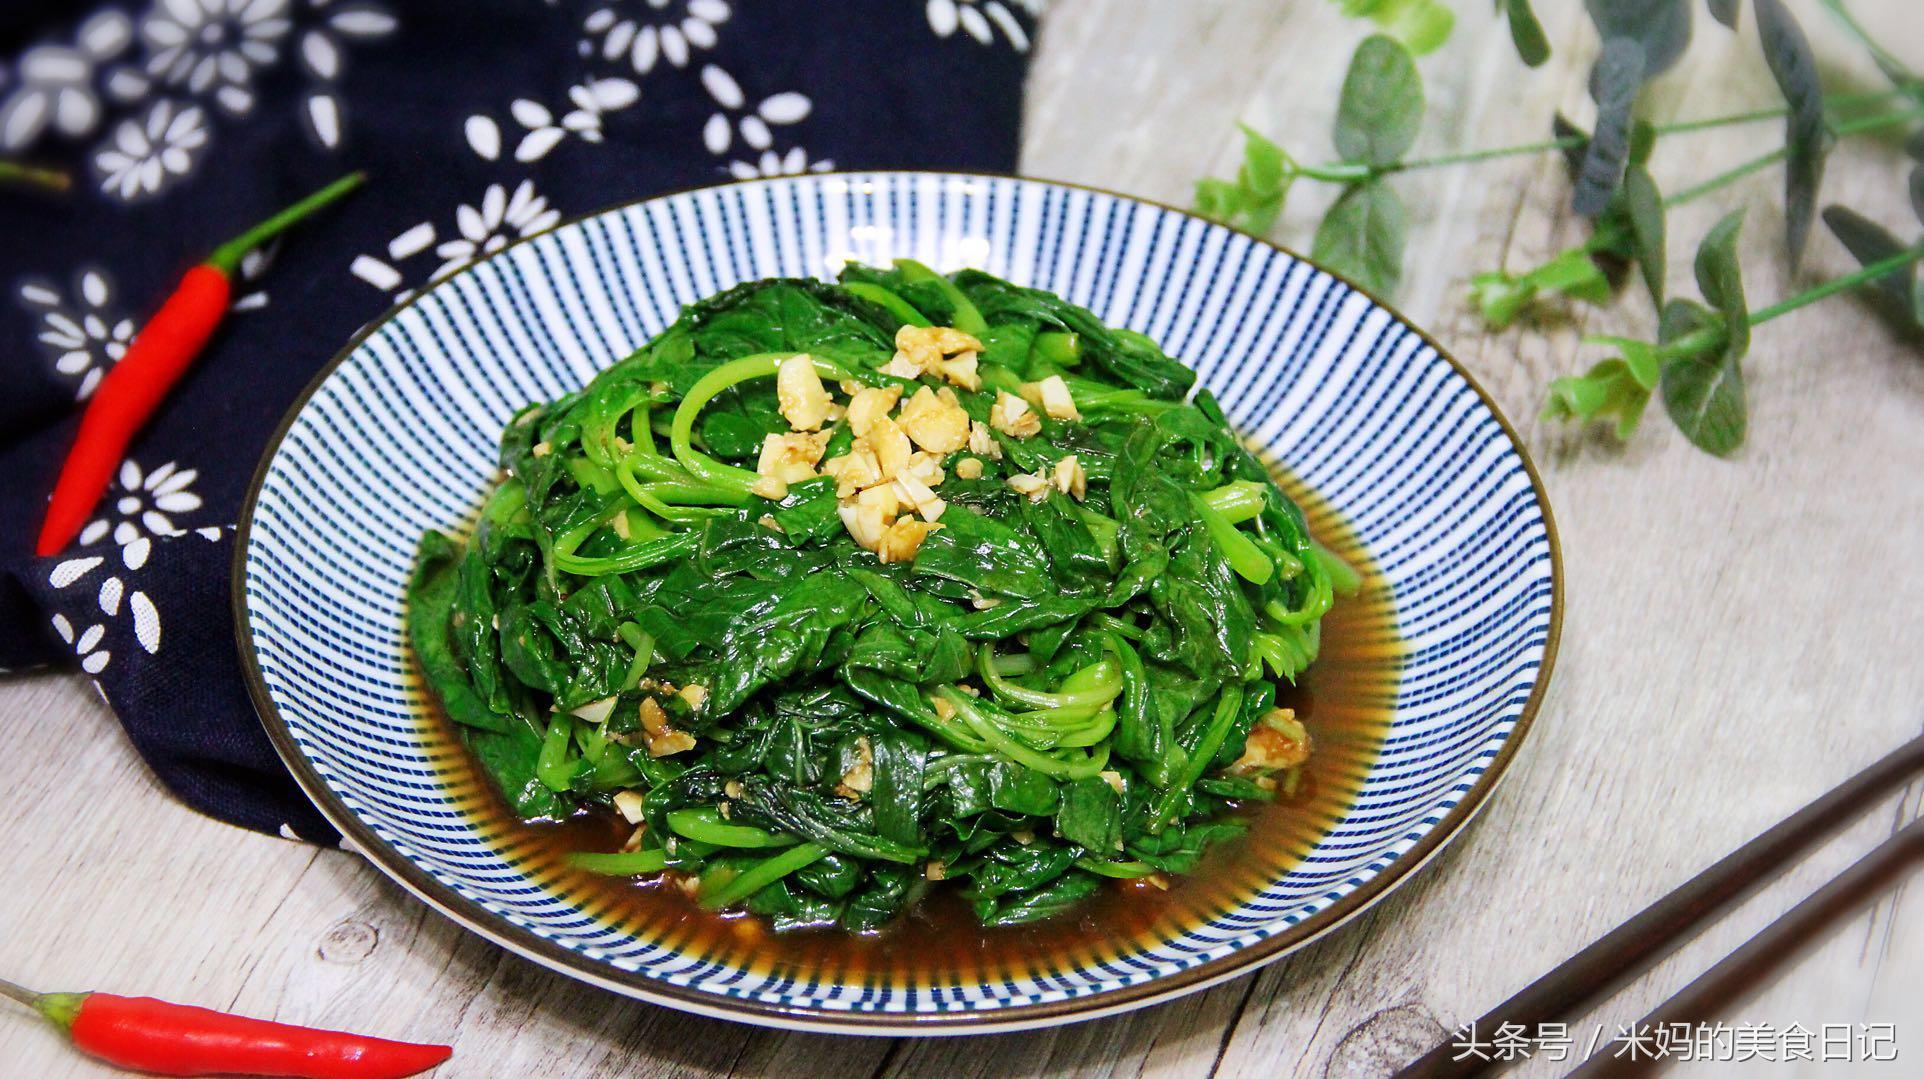 凉拌白苋菜做法步骤图 小孩吃补钙大人吃清热排毒